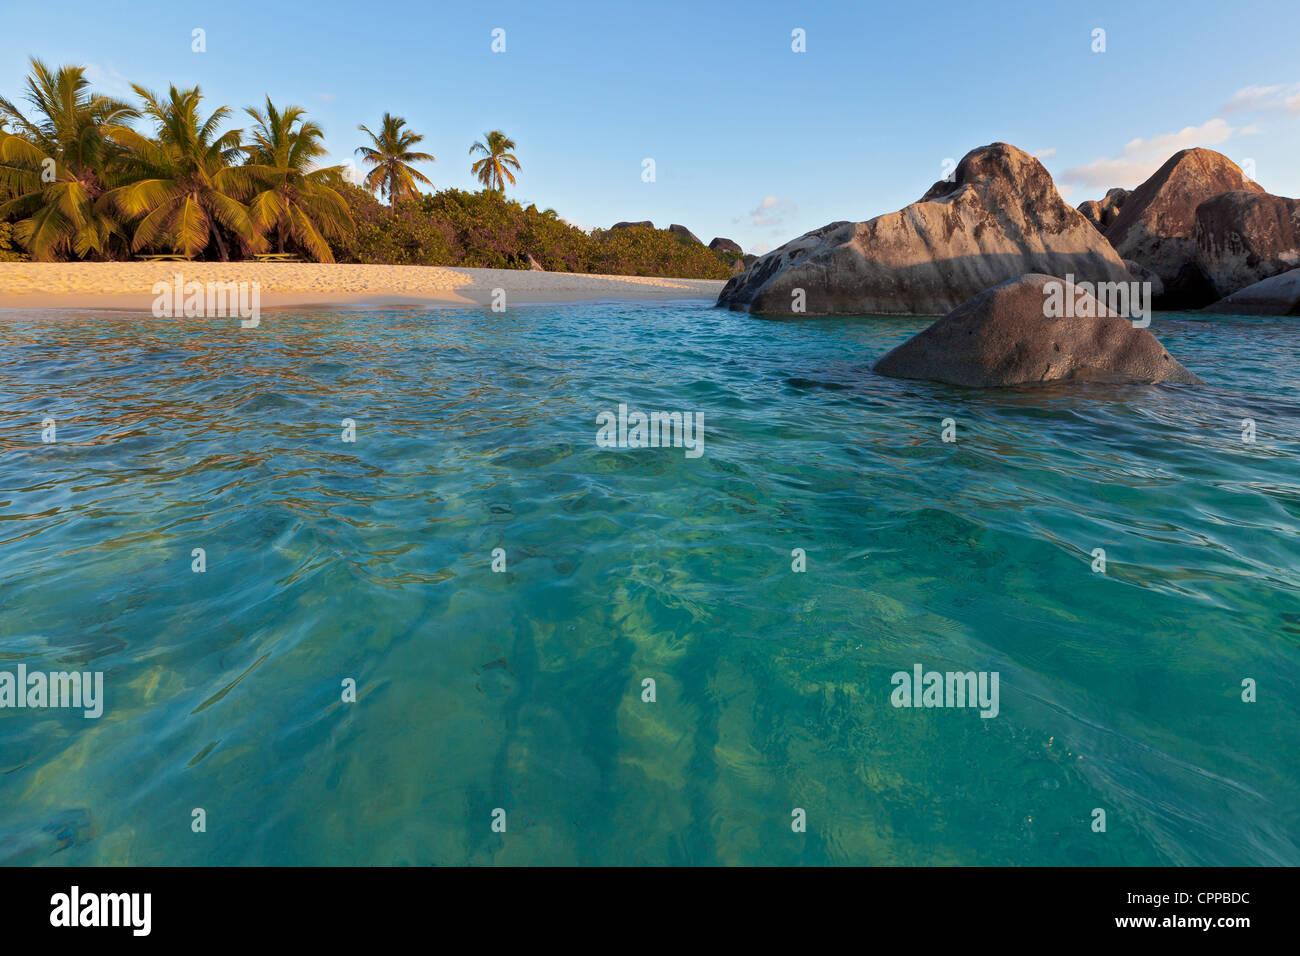 Virgen Gorda, Islas Vírgenes Británicas en el Caribe: piscina protegida entre las rocas de granito en Imagen De Stock